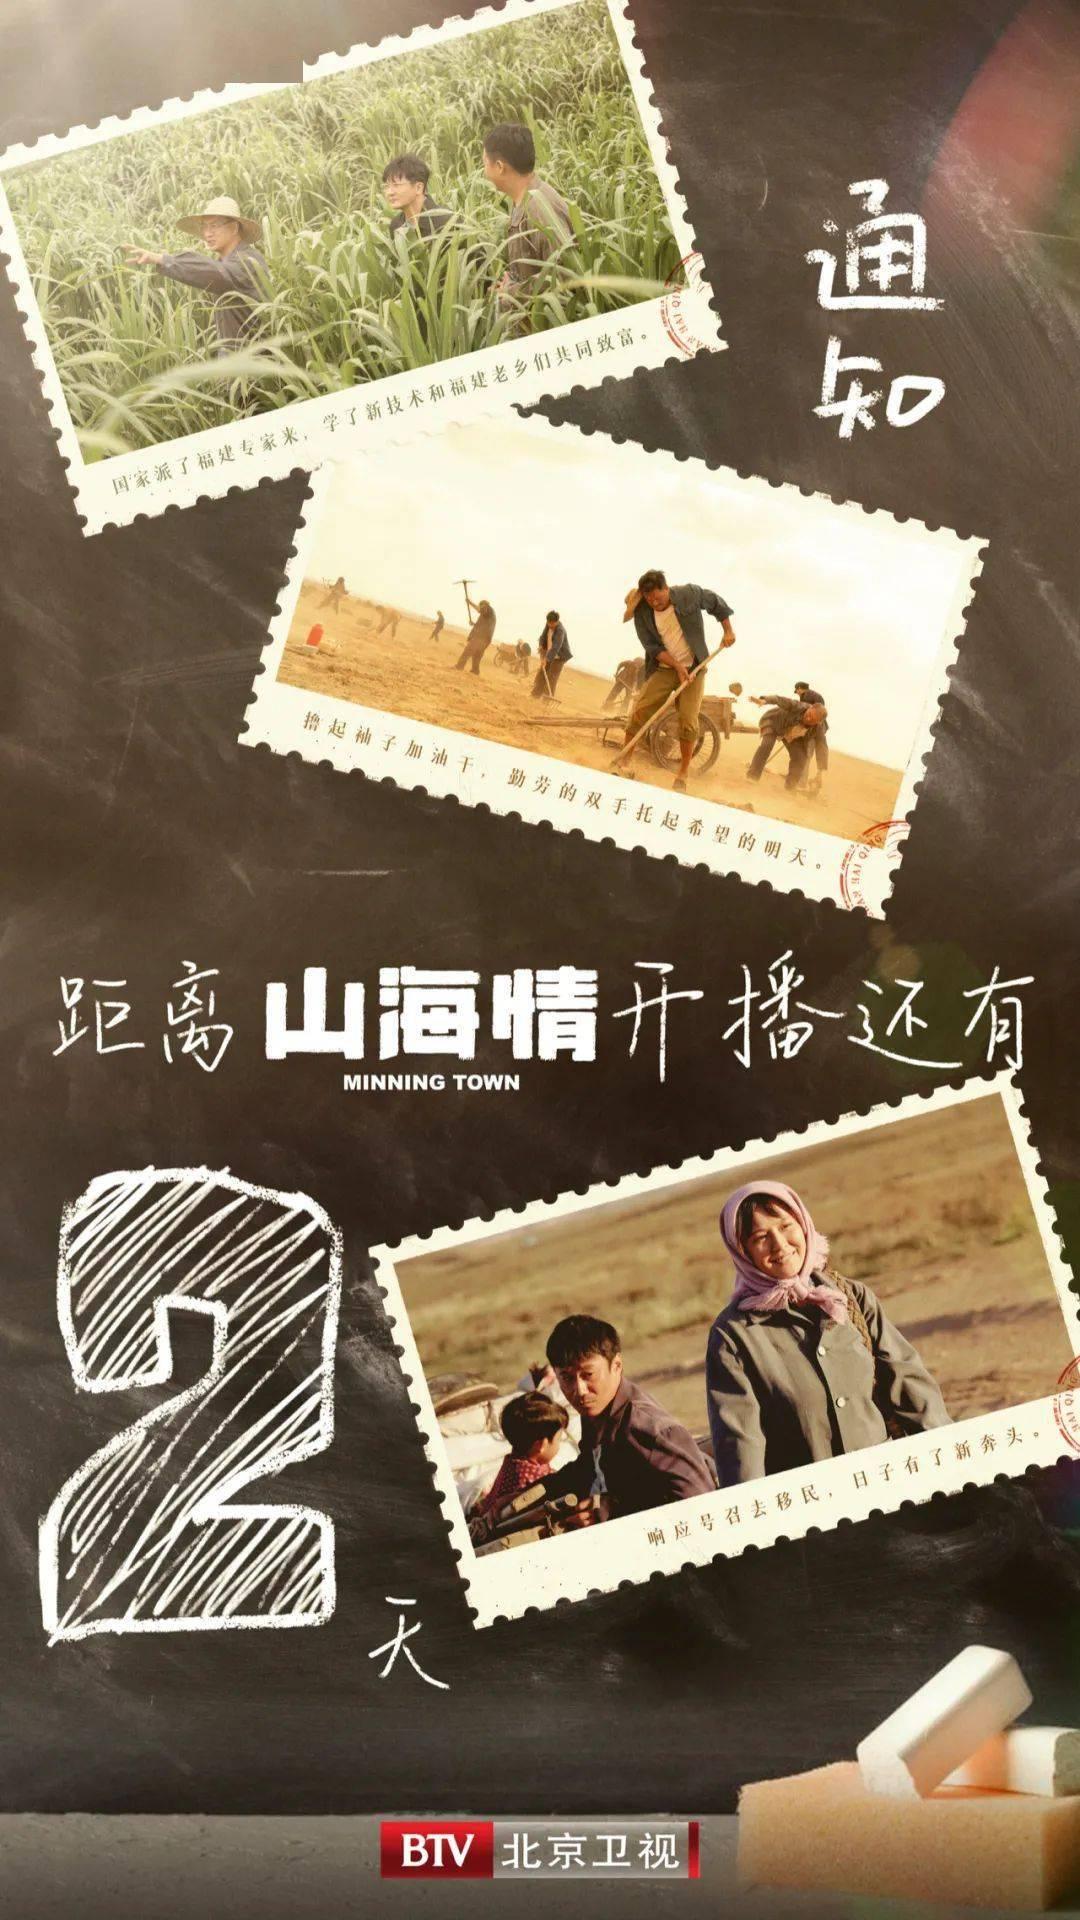 距离北京卫视《山海情》开播还有2天!